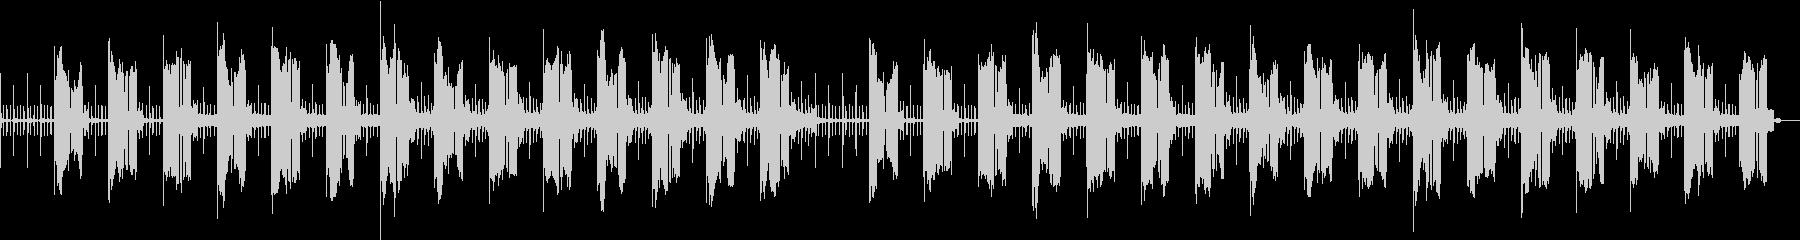 シンセベースのSF風サウンドの未再生の波形